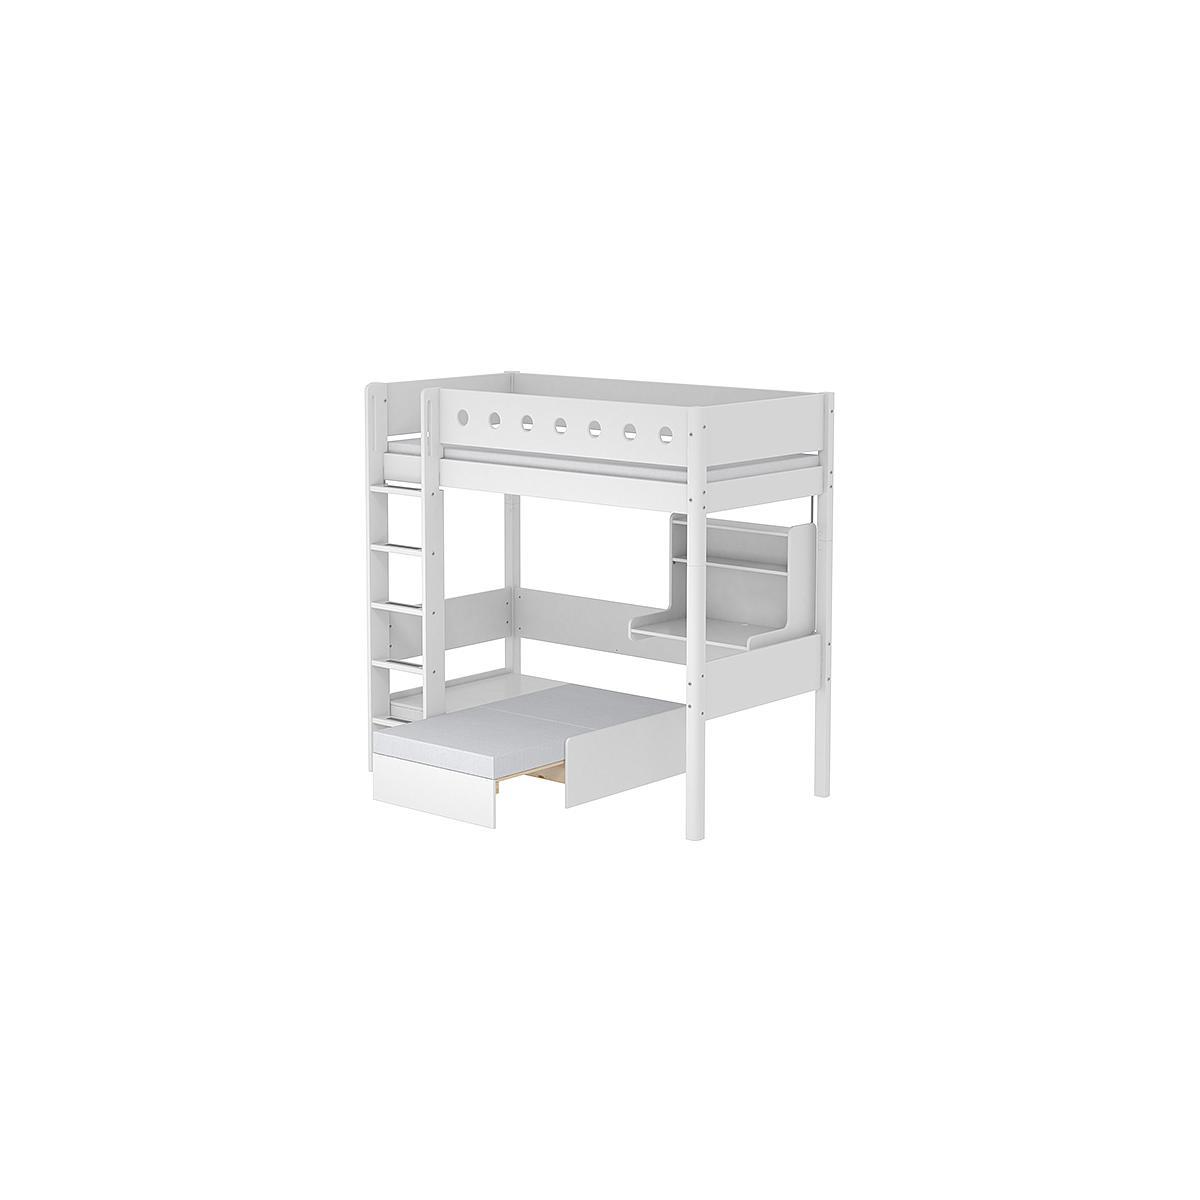 Cama alta Casa 90x200 WHITE Flexa escalera recta barrera y patas blancas